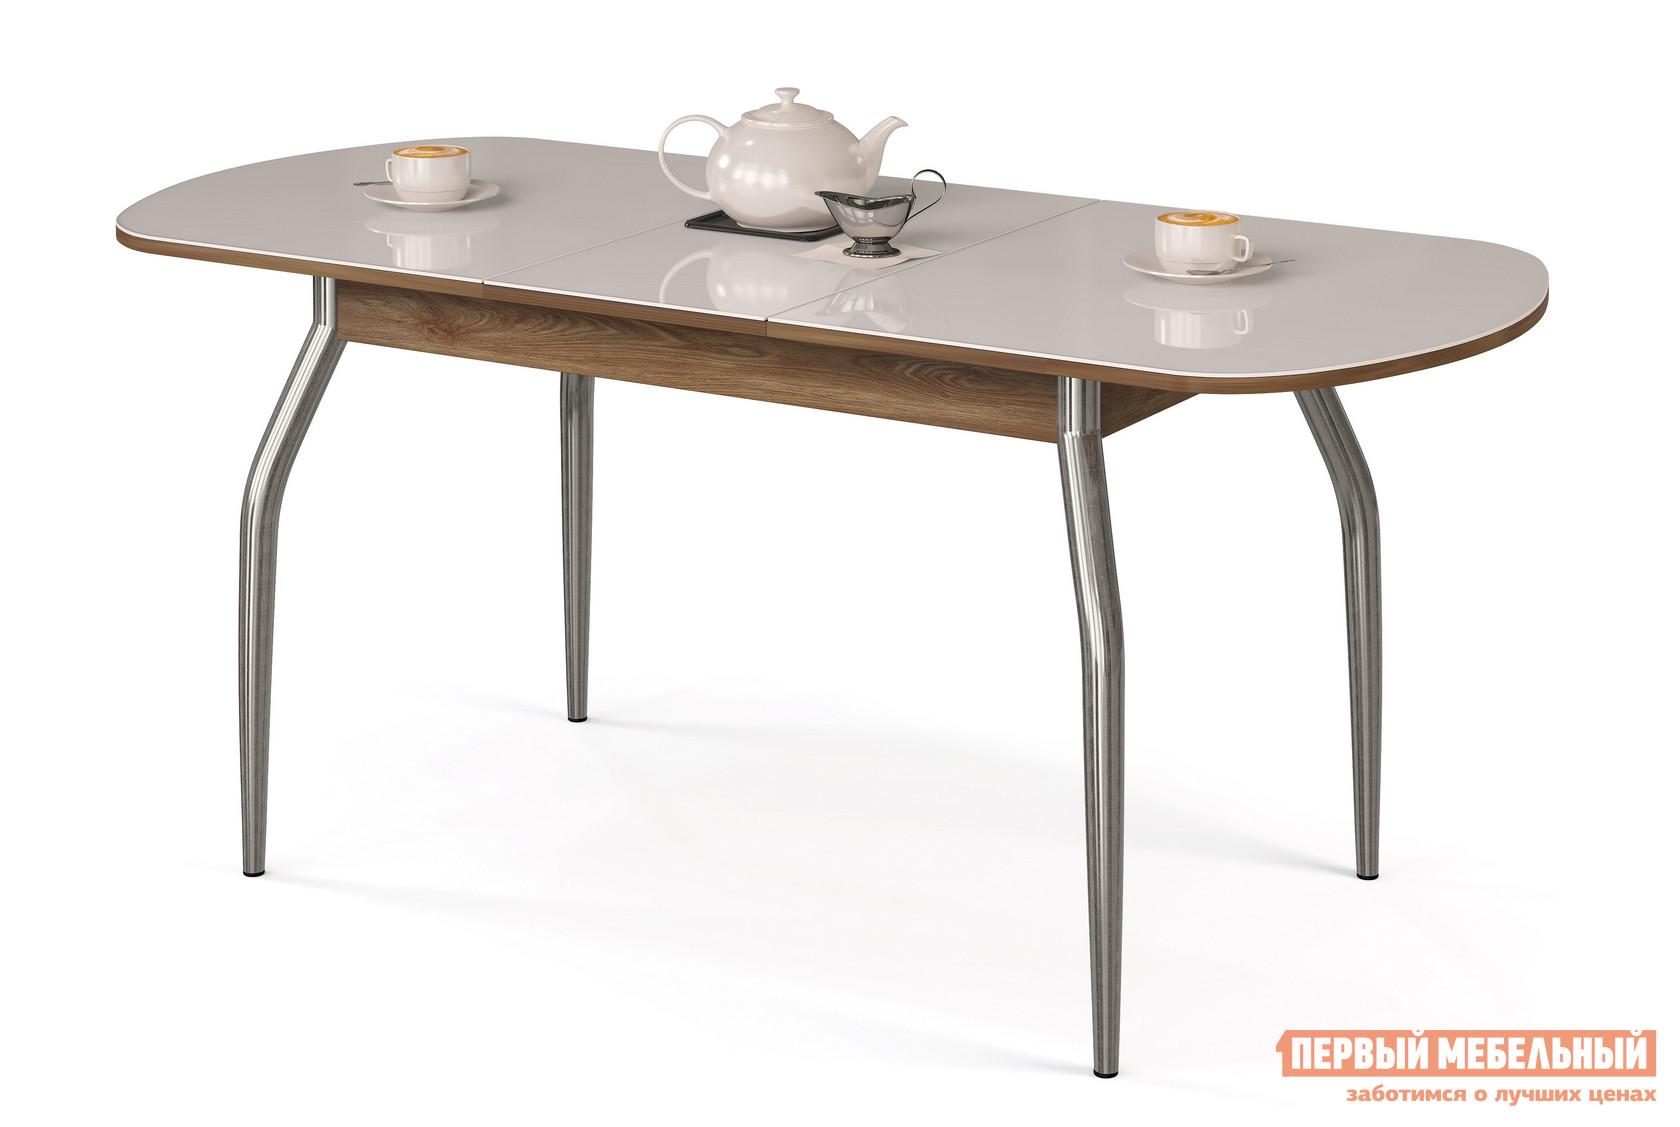 Кухонный стол МегаЭлатон Сиена-Стекло Белый, Венге италия